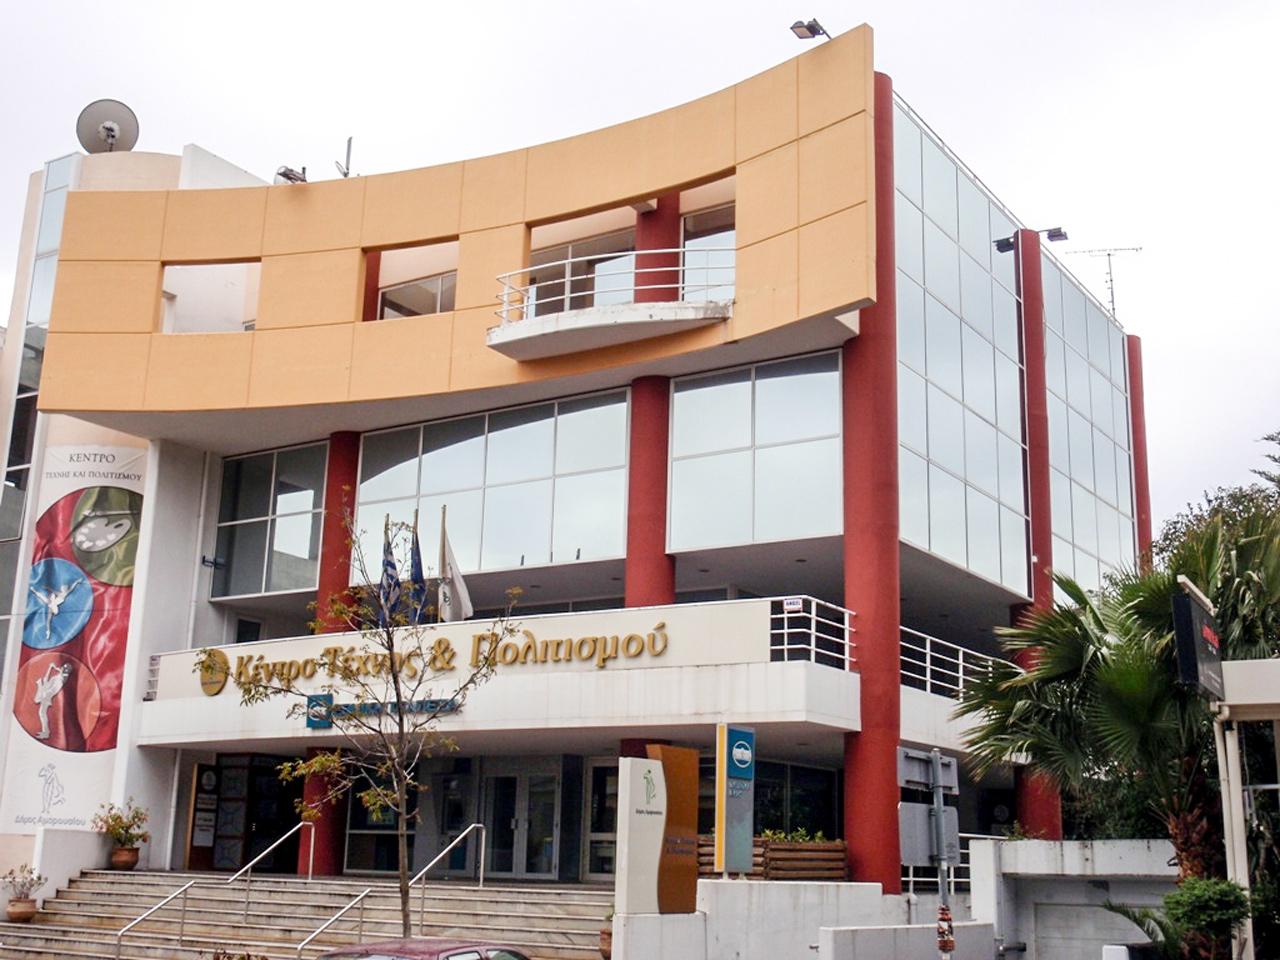 Κέντρο Τέχνης και Πολιτισμού Δήμου Αμαρουσίου